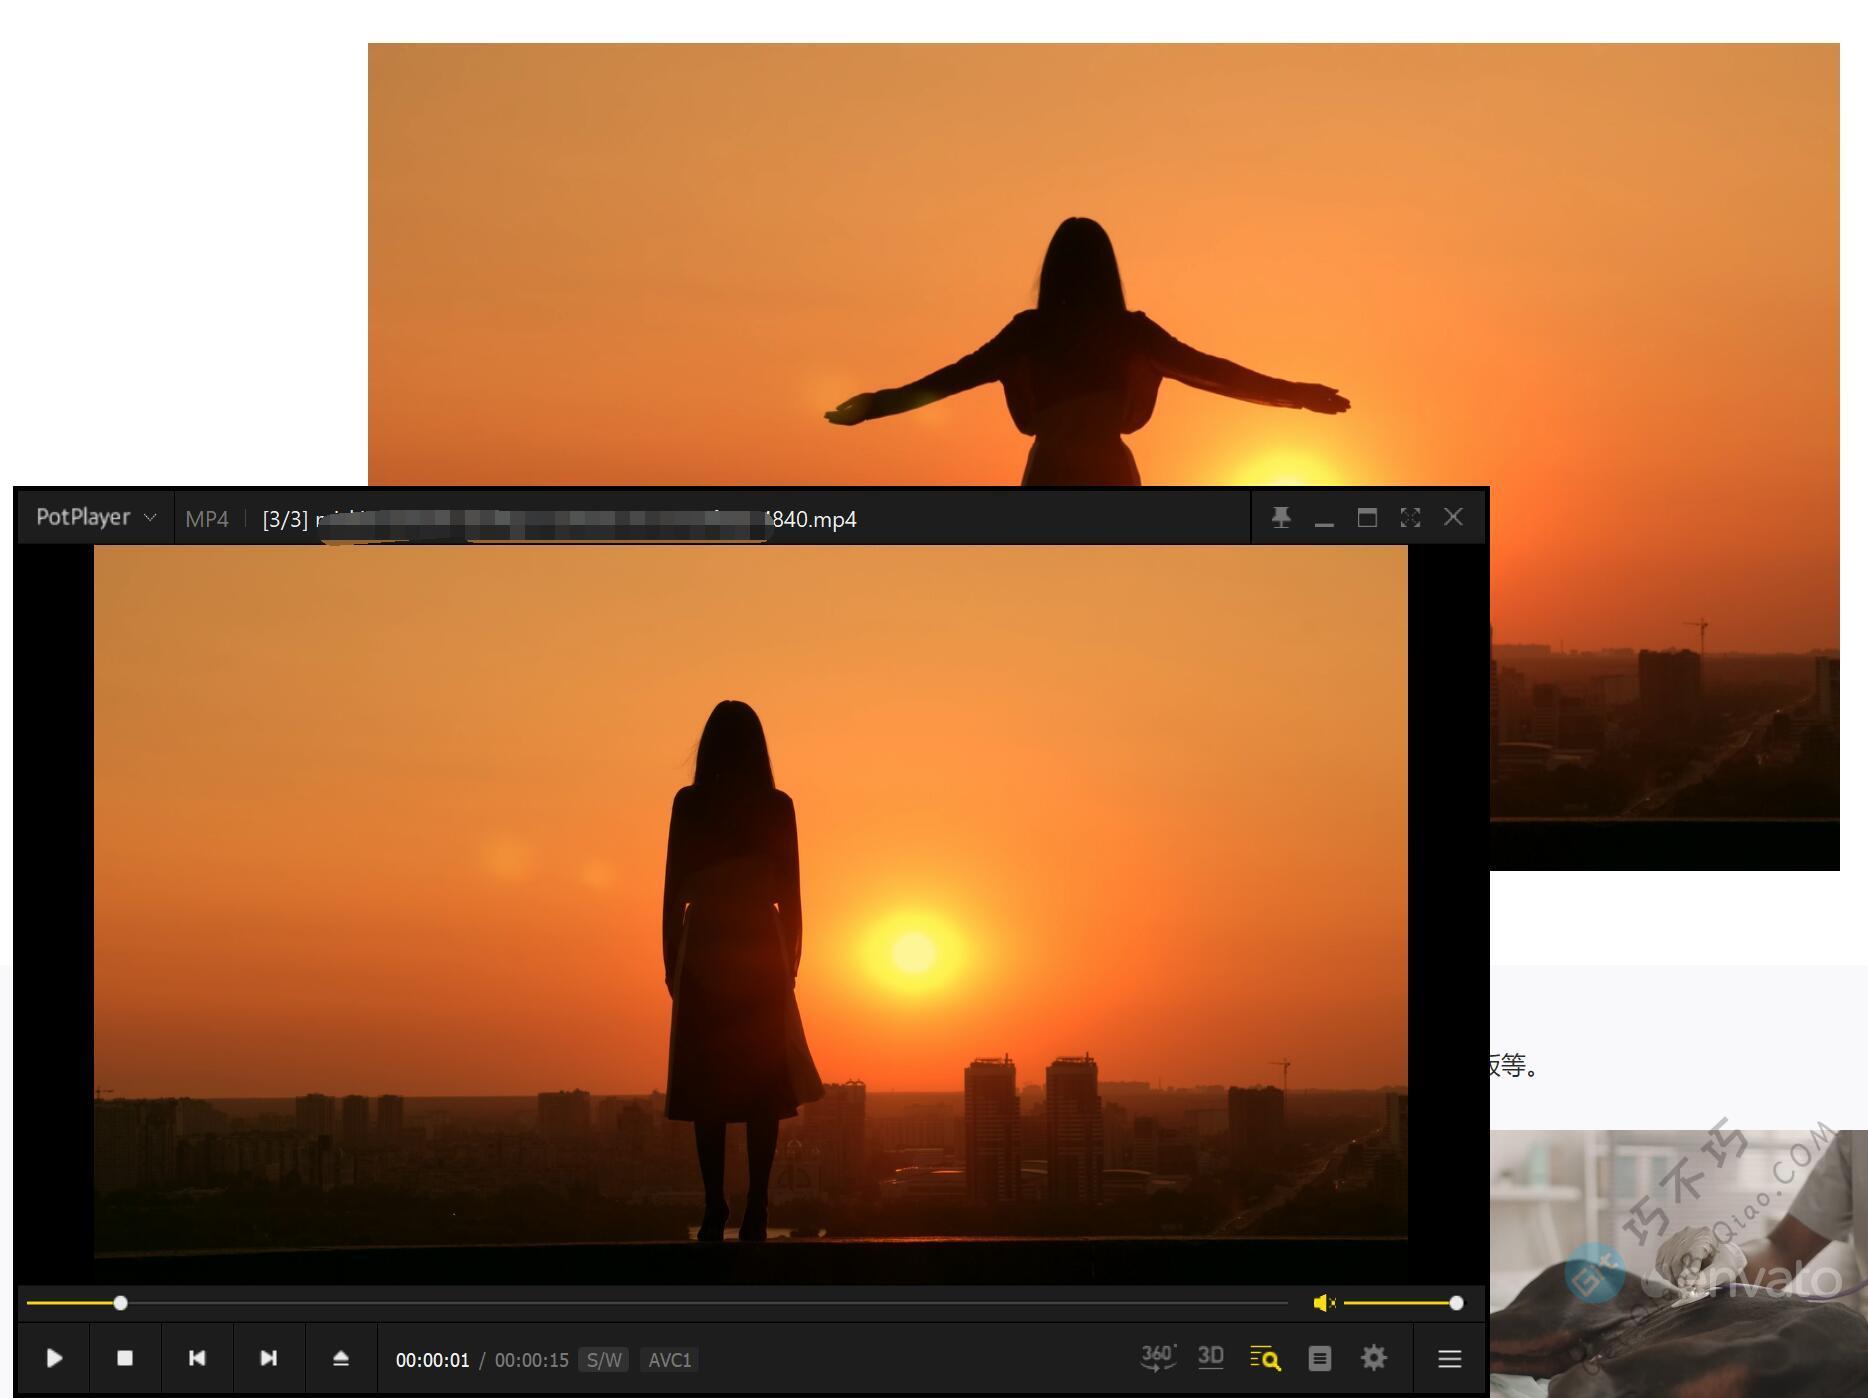 非常多的超高清无水印MP4视频素材下载,包含风景、科技、人文、转场等